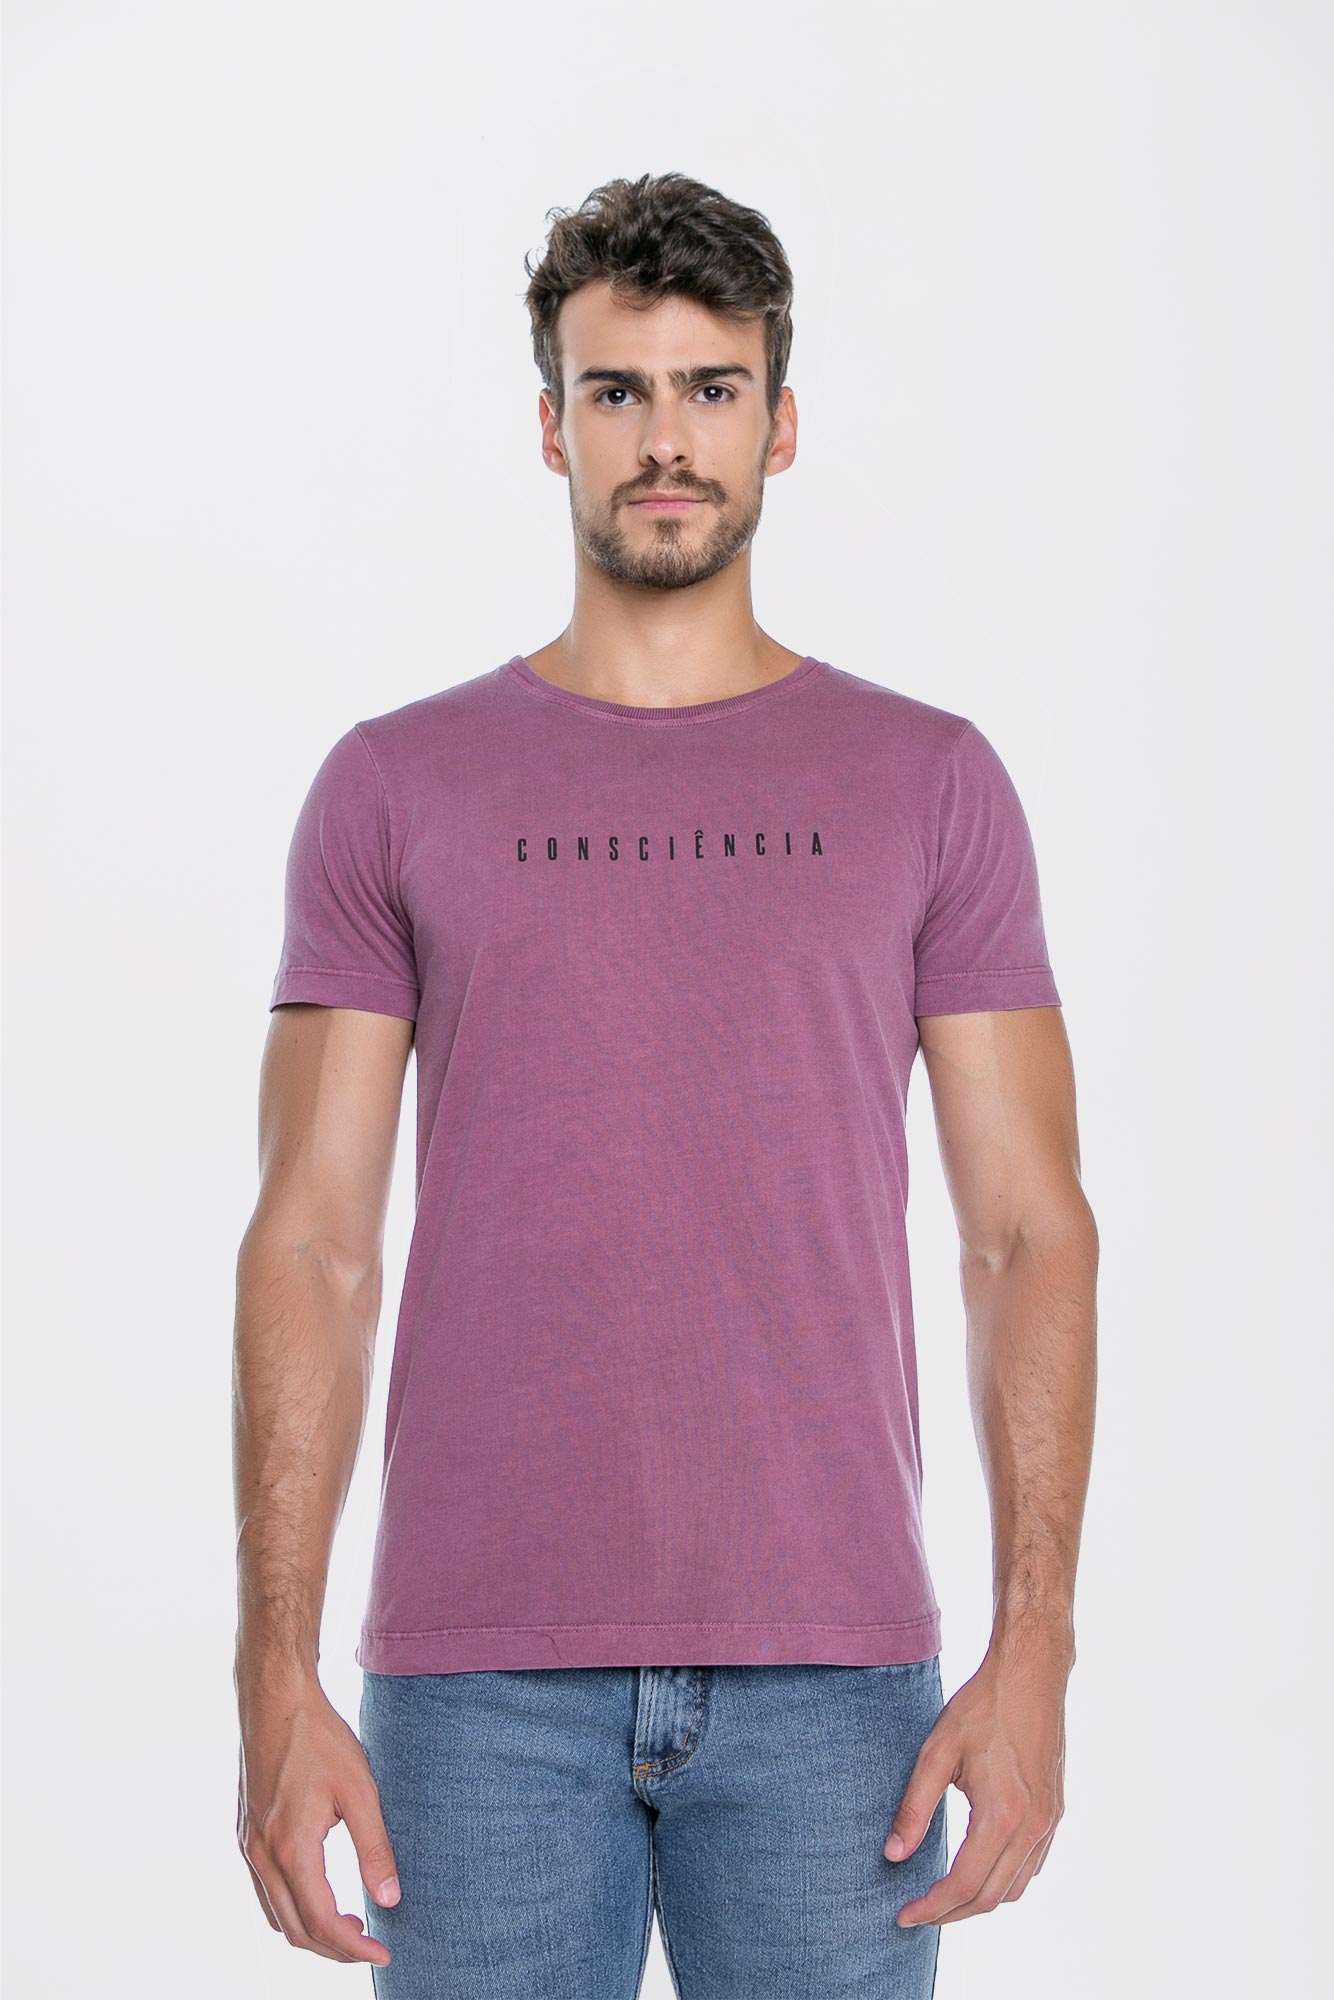 Camiseta Consciência